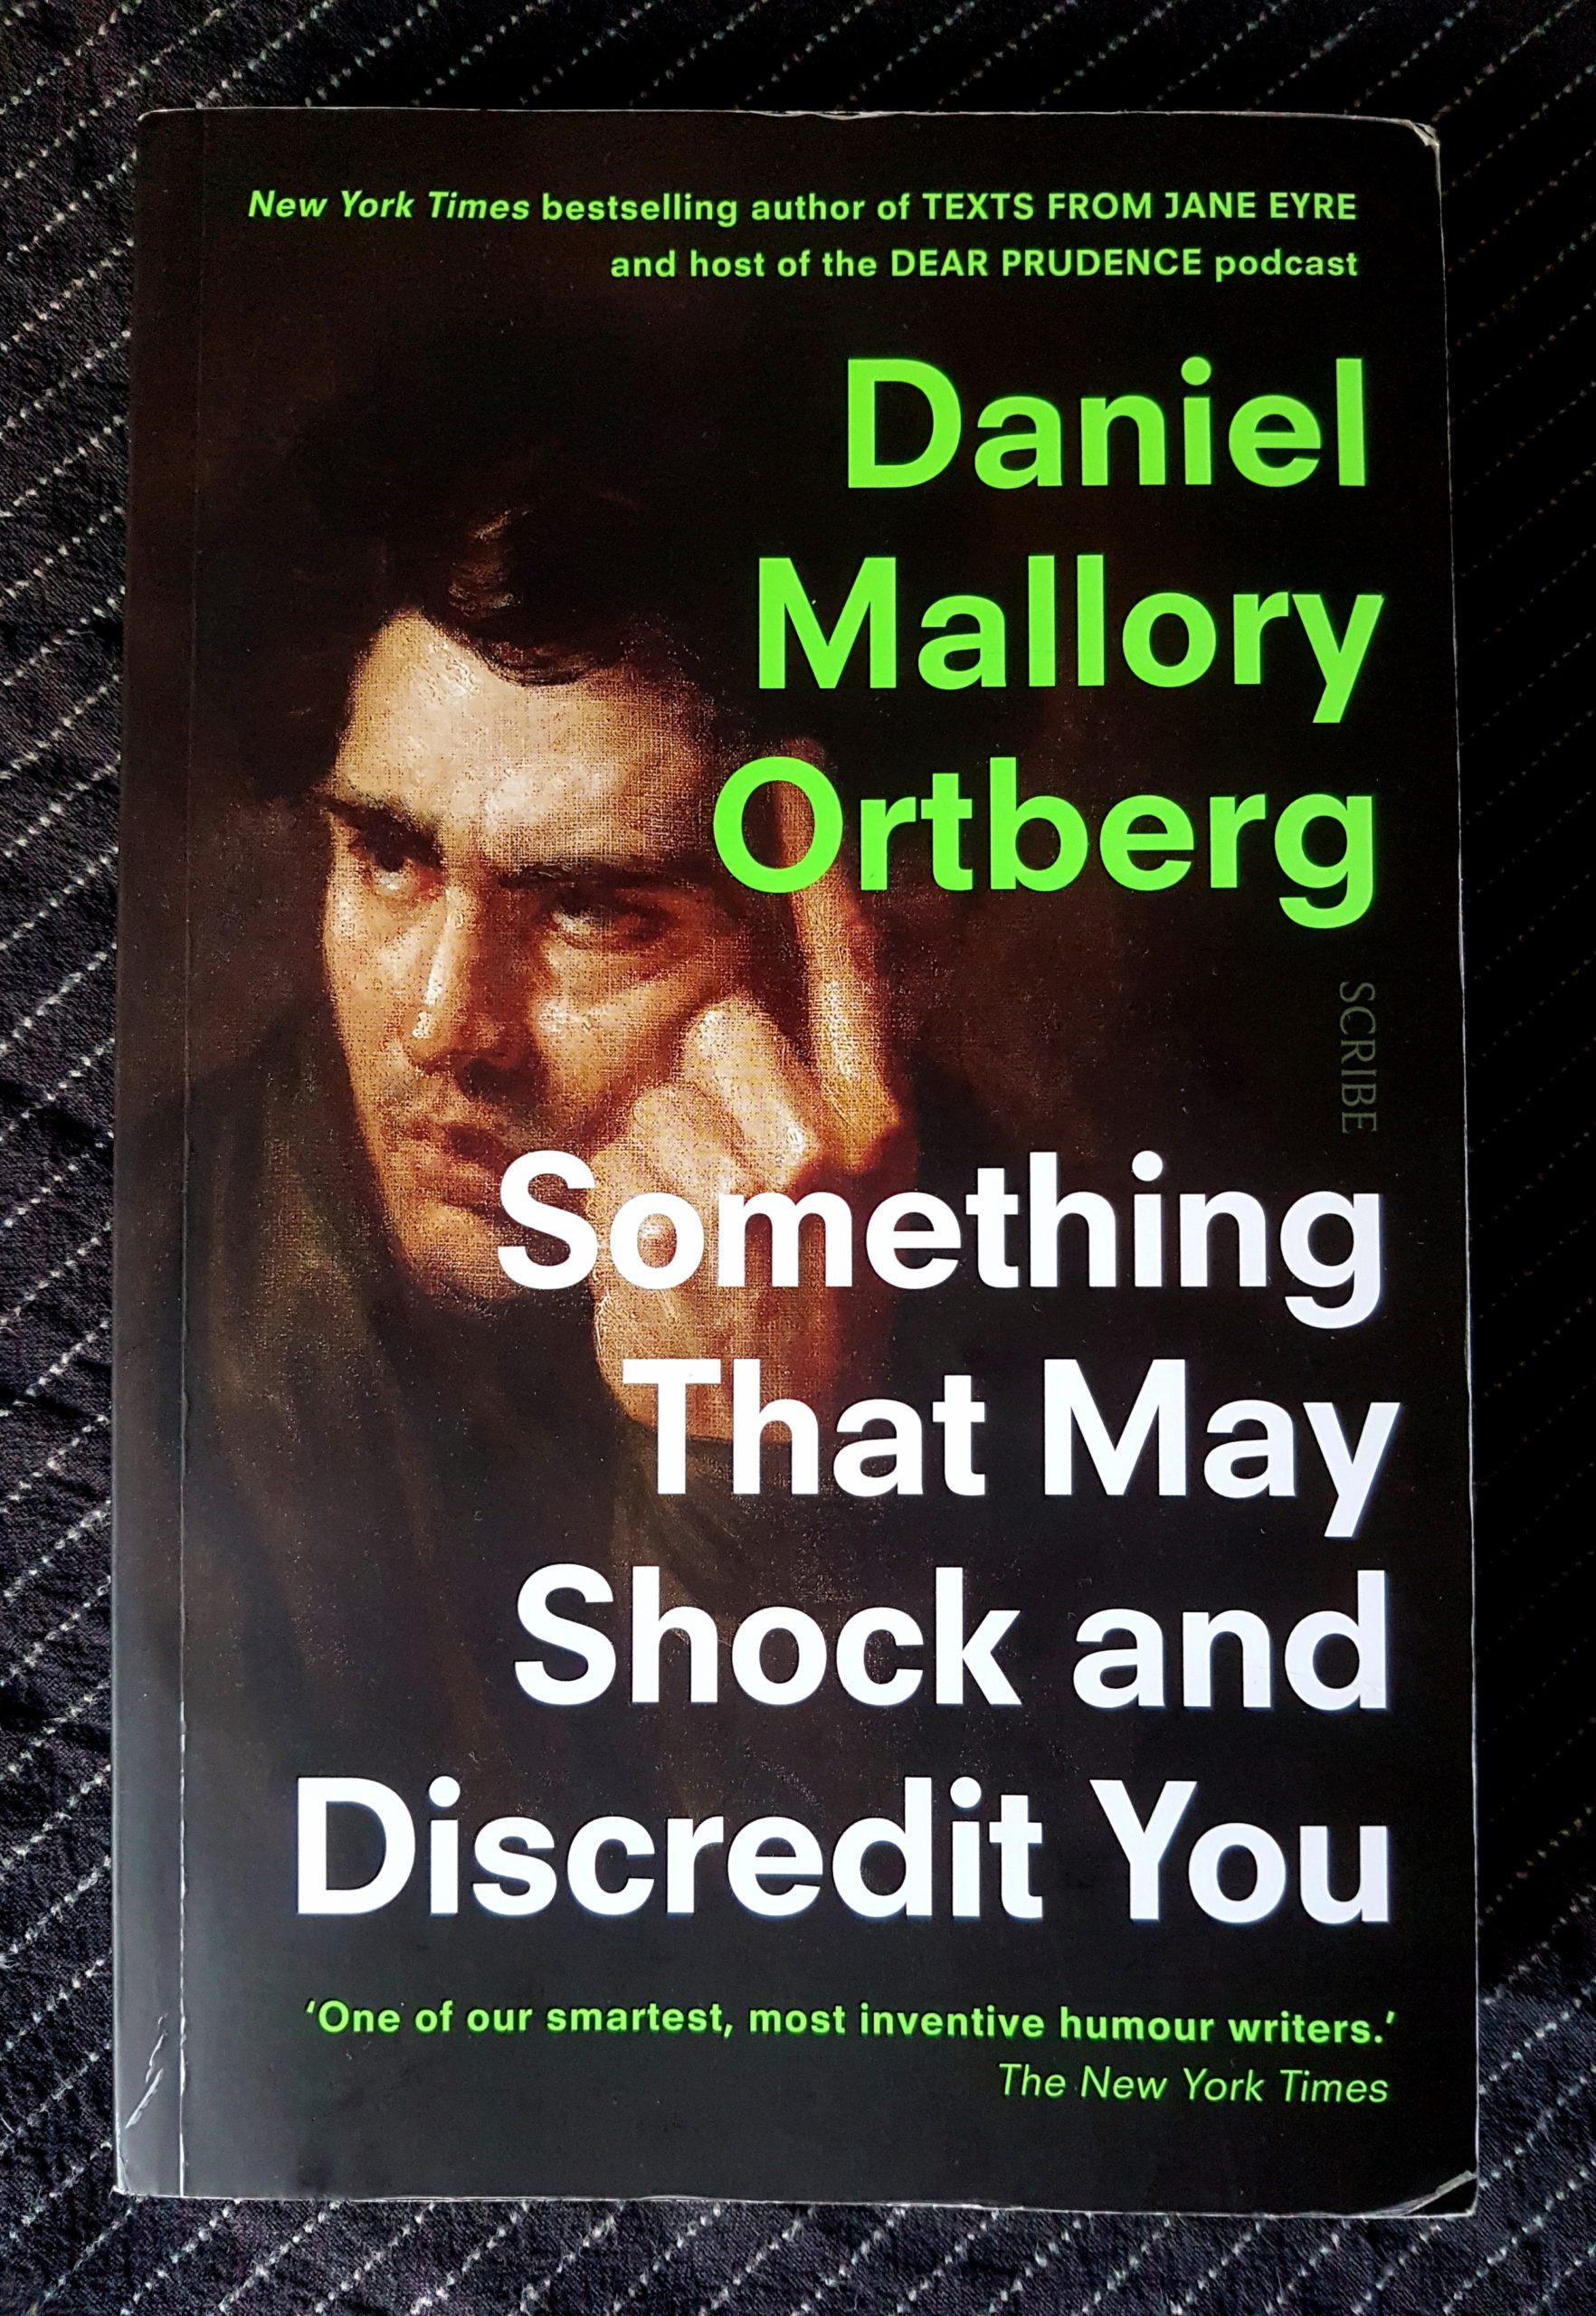 Buchdeckel von »Something that may Shock and Discredit You« von Daniel Mallory Ortberg. Das Gesicht eines nachdenklichen mittelalten dunkelhaarigen weißen Mann in Öl gemalt. Daneben in weiß der Titel und hellgrün der Autor.